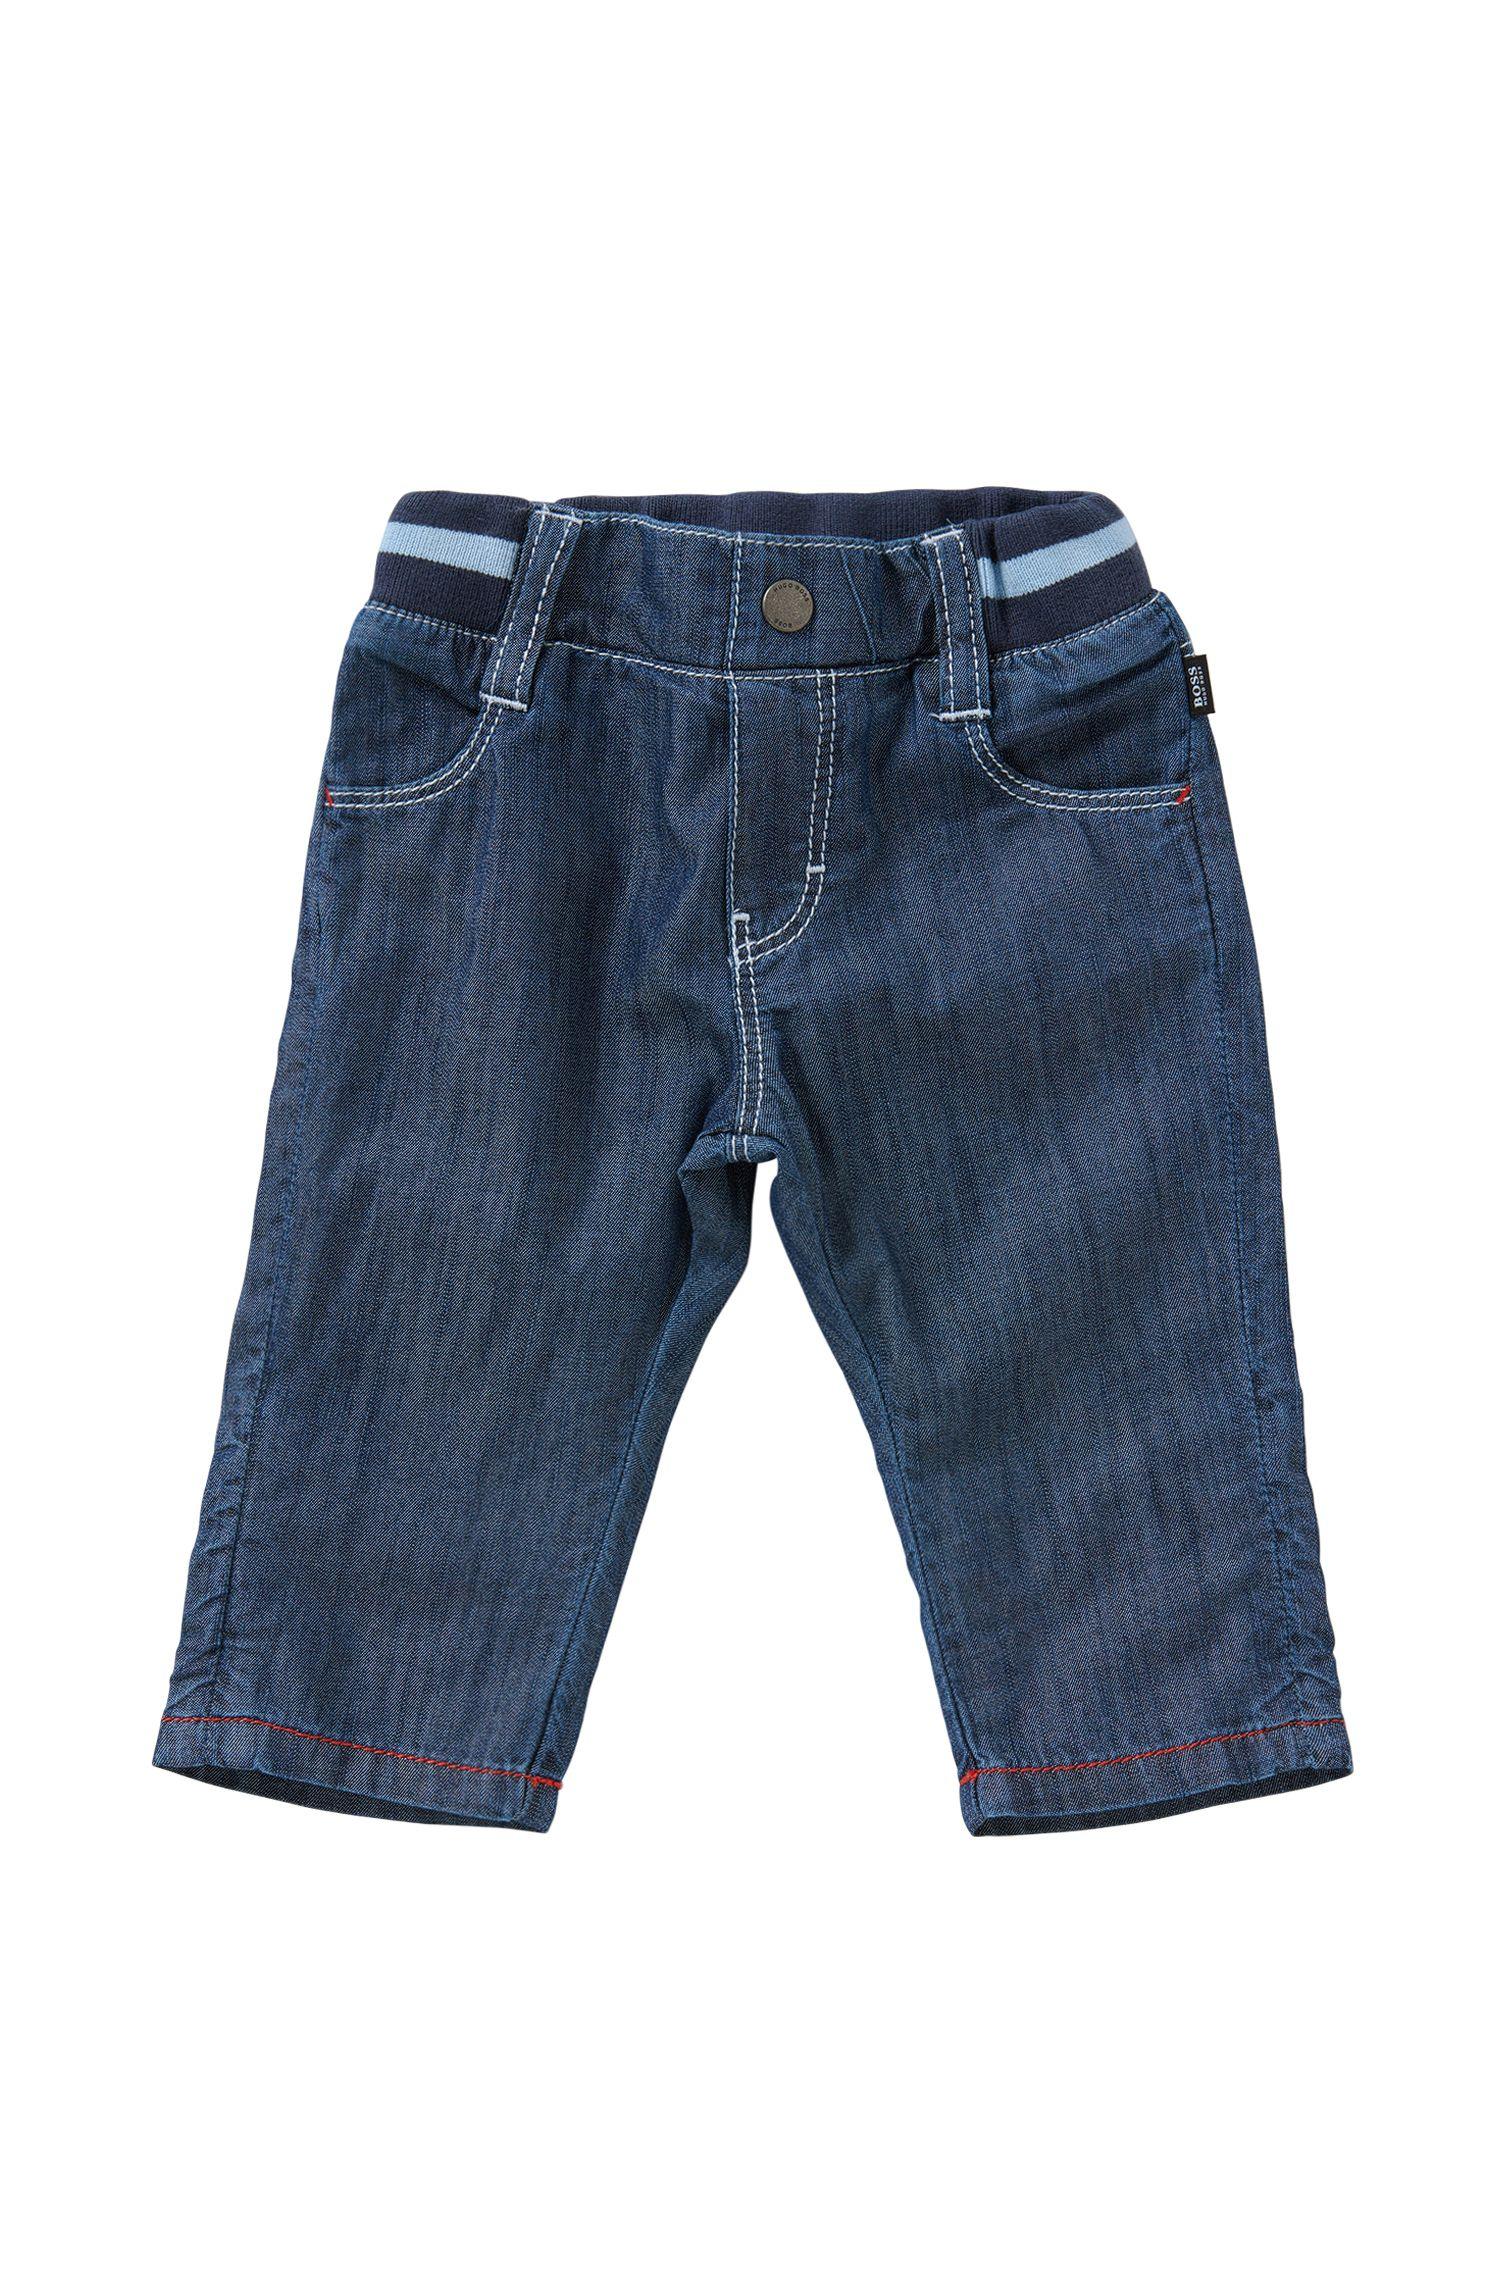 Pantalon pour bébé en coton avec taille élastique, finition denim: «J94153»